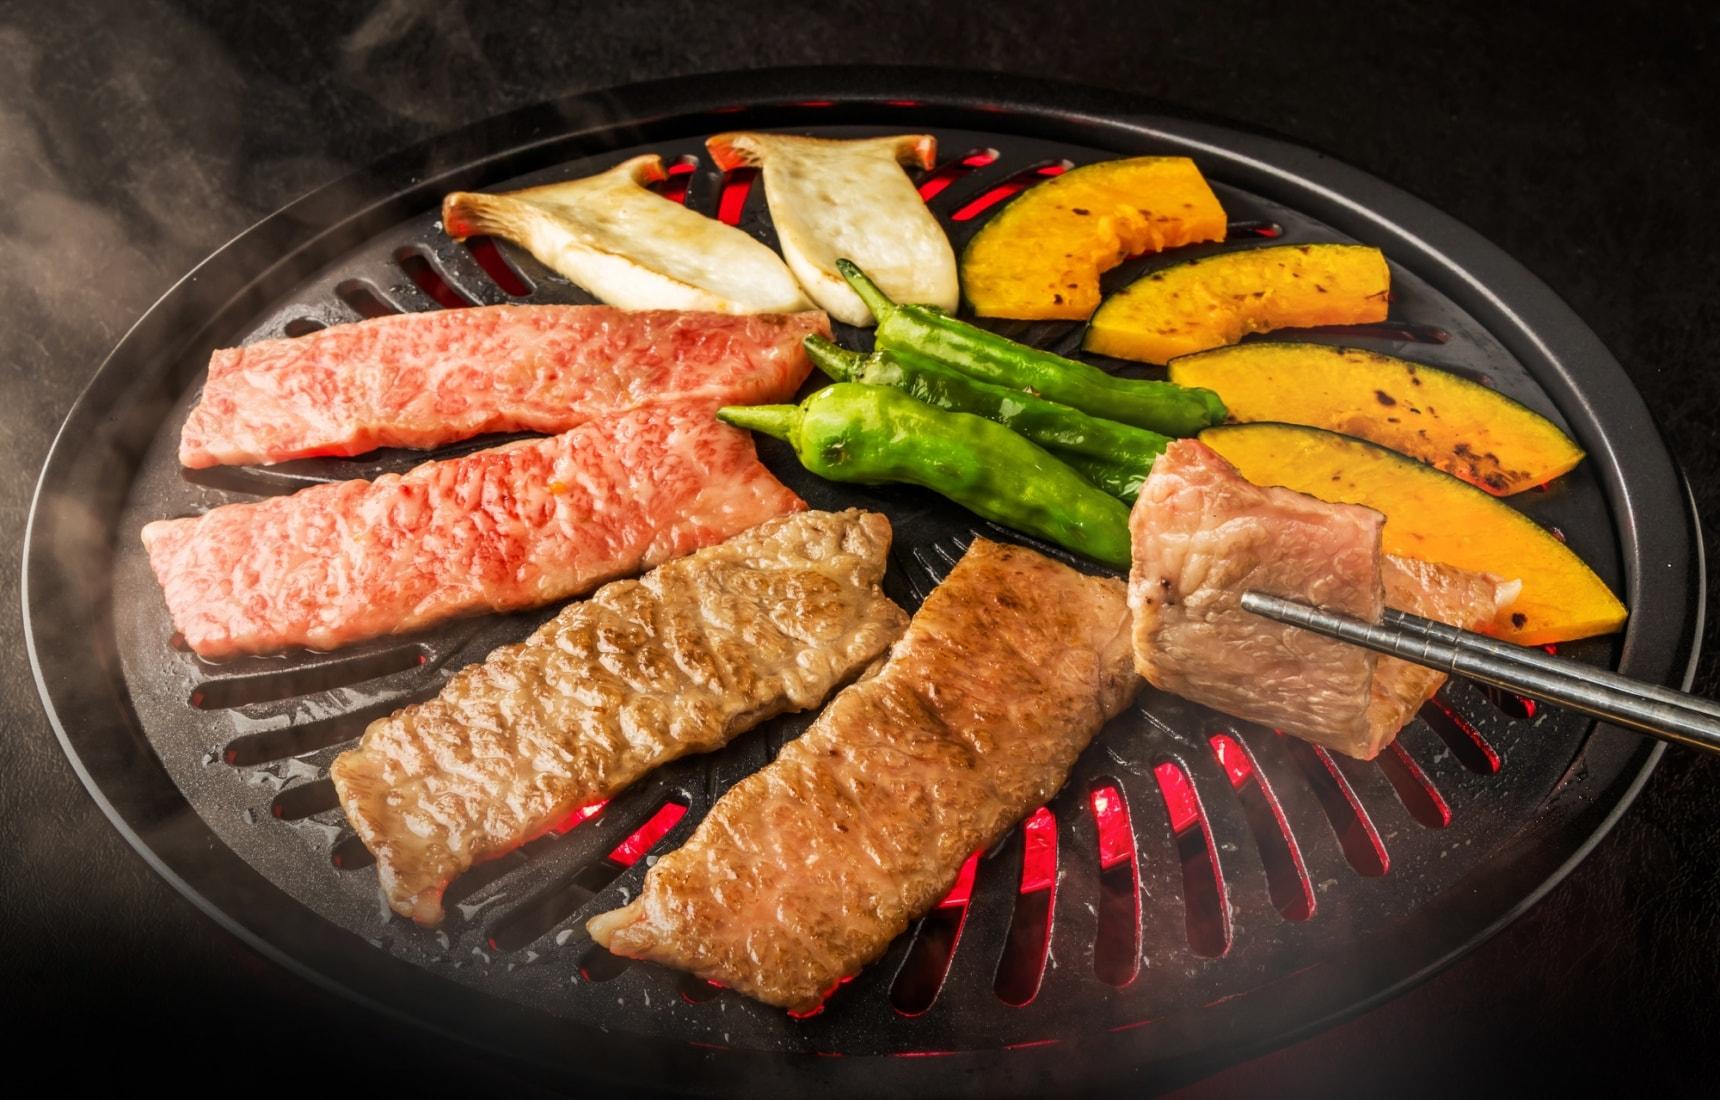 超實力派日本美食!10間必吃超人氣神戶牛餐廳推薦